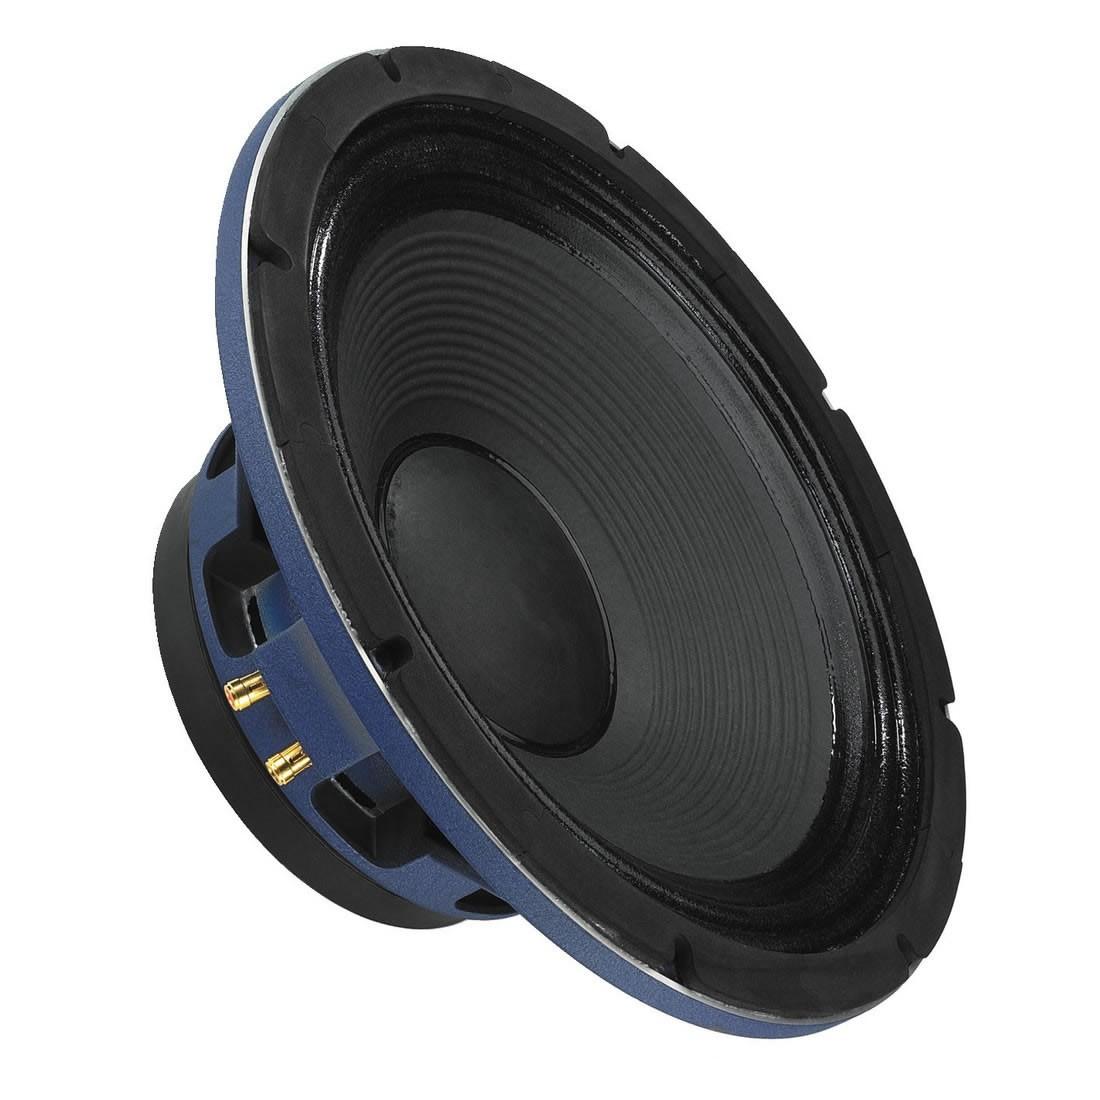 MONACOR SP-46A / 500BS Professional Speaker Driver Subwoofer 500W 8 Ohm 97dB Ø46cm